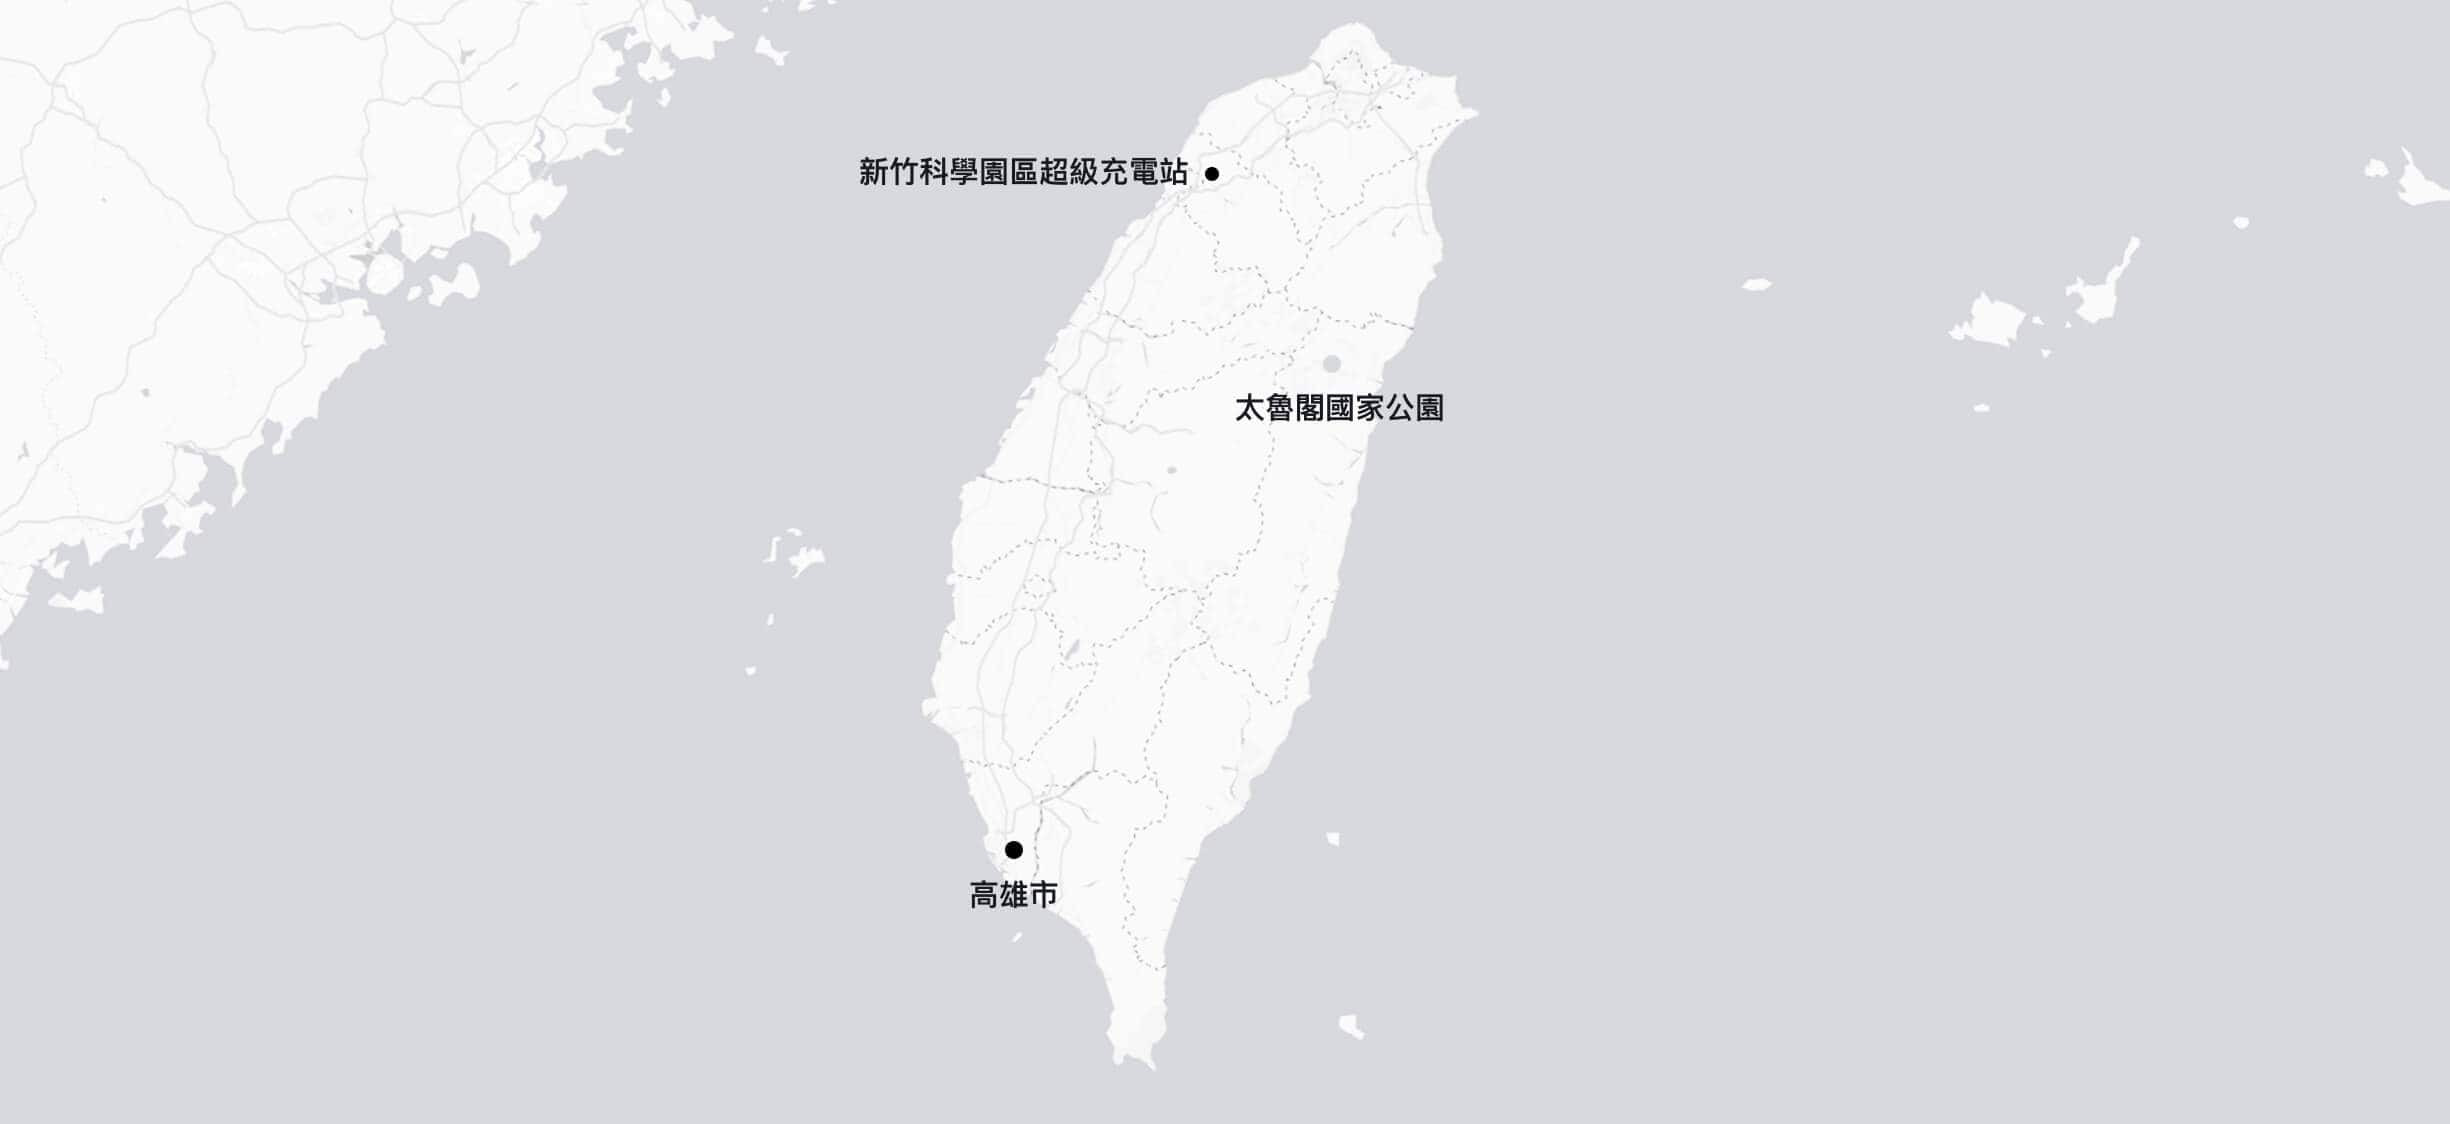 高雄市<br />經新竹科學園區超級充電站<br />至太魯閣國家公園